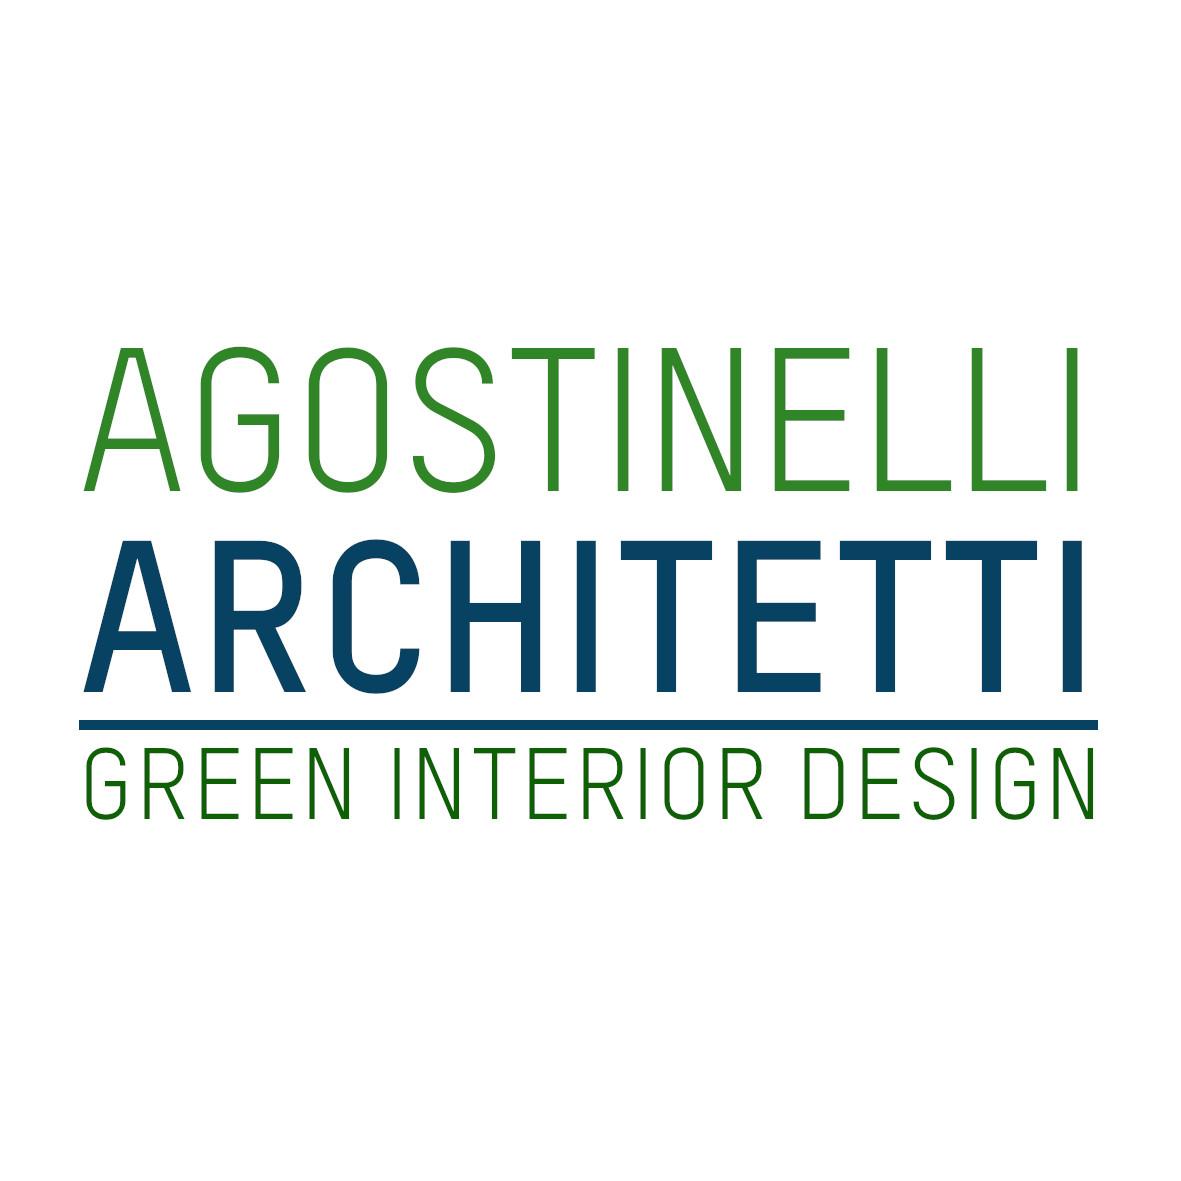 Arch. Agostinelli Daniele